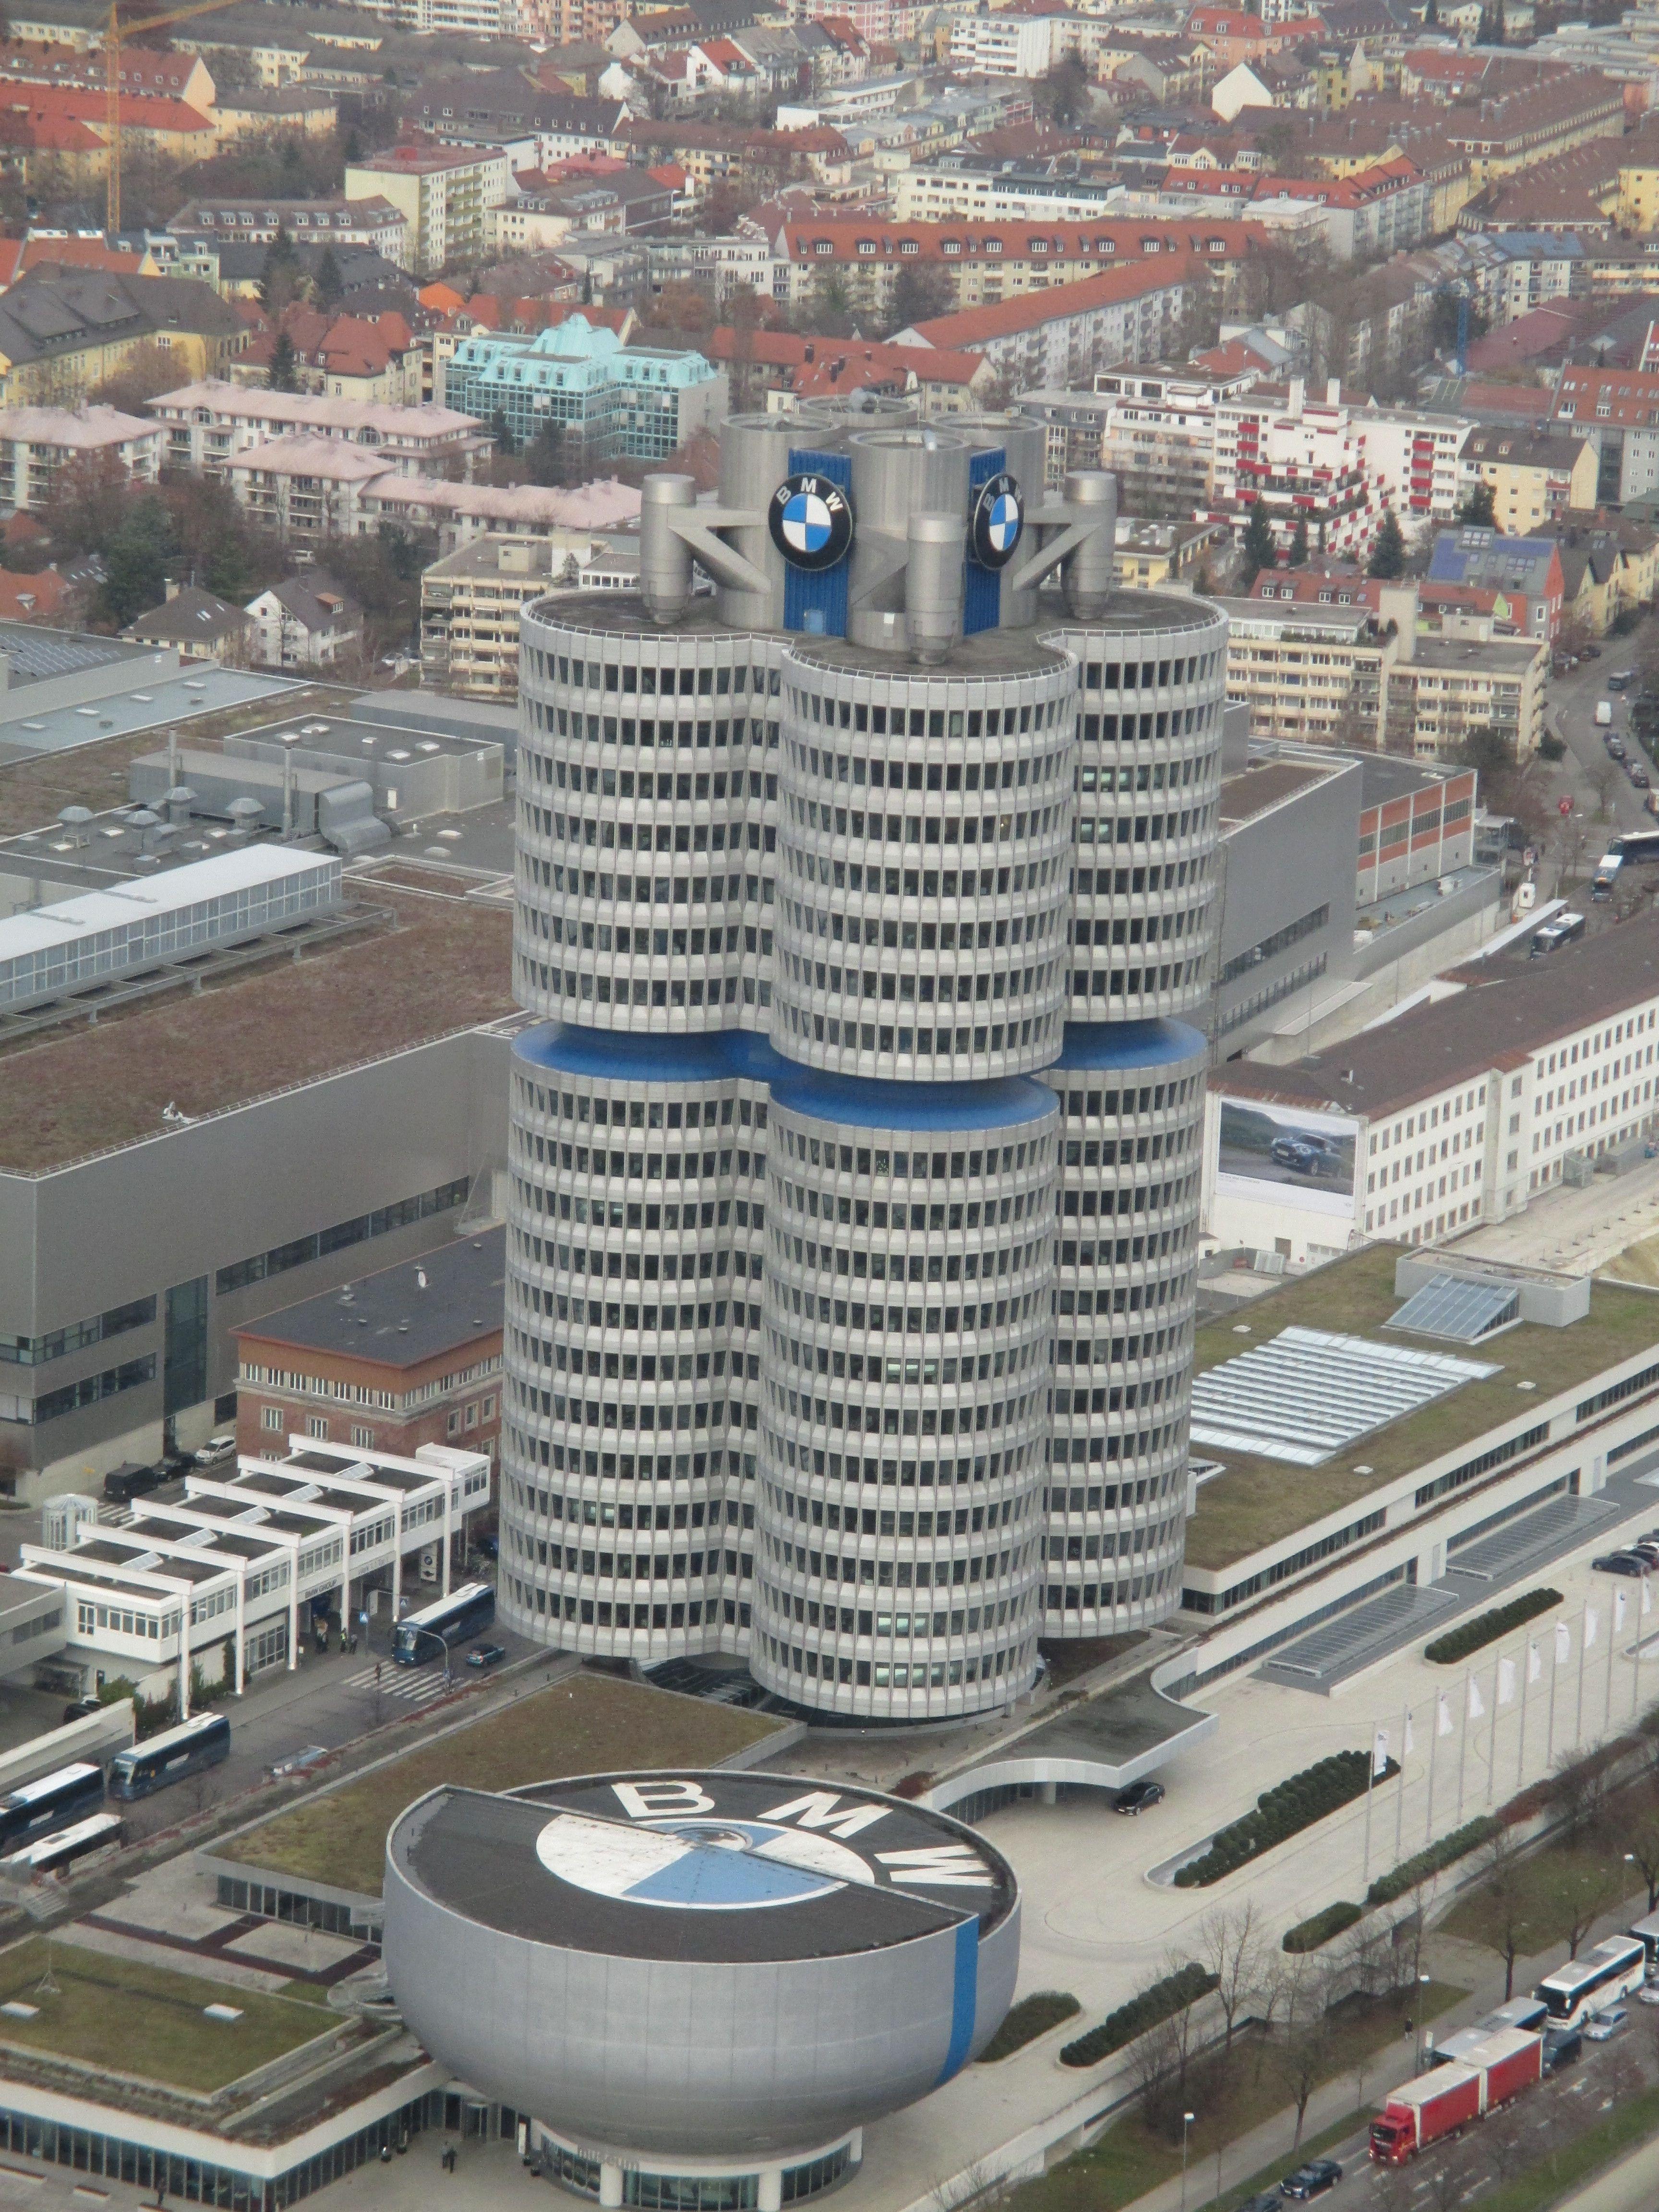 MÜNCHEN - Den BMW Vierzylinder kannst du gut vom Olympiaturm aus sehen